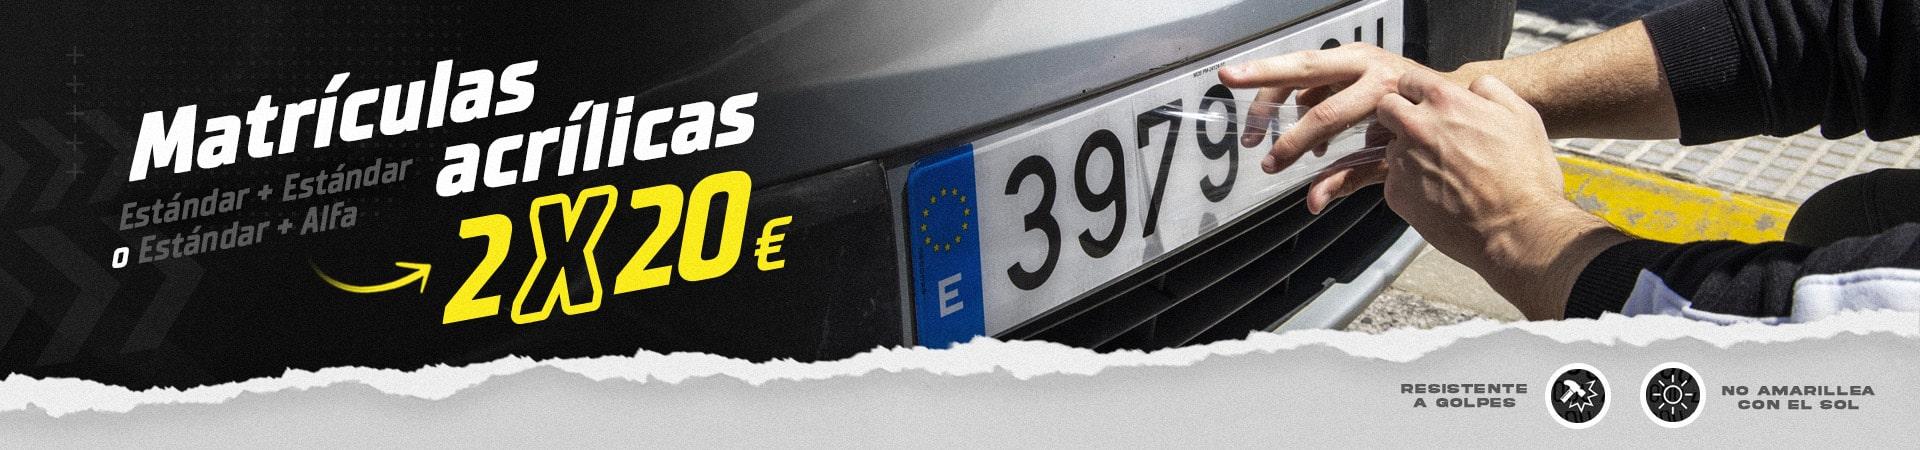 matriculas acrilicas oferta2x20€